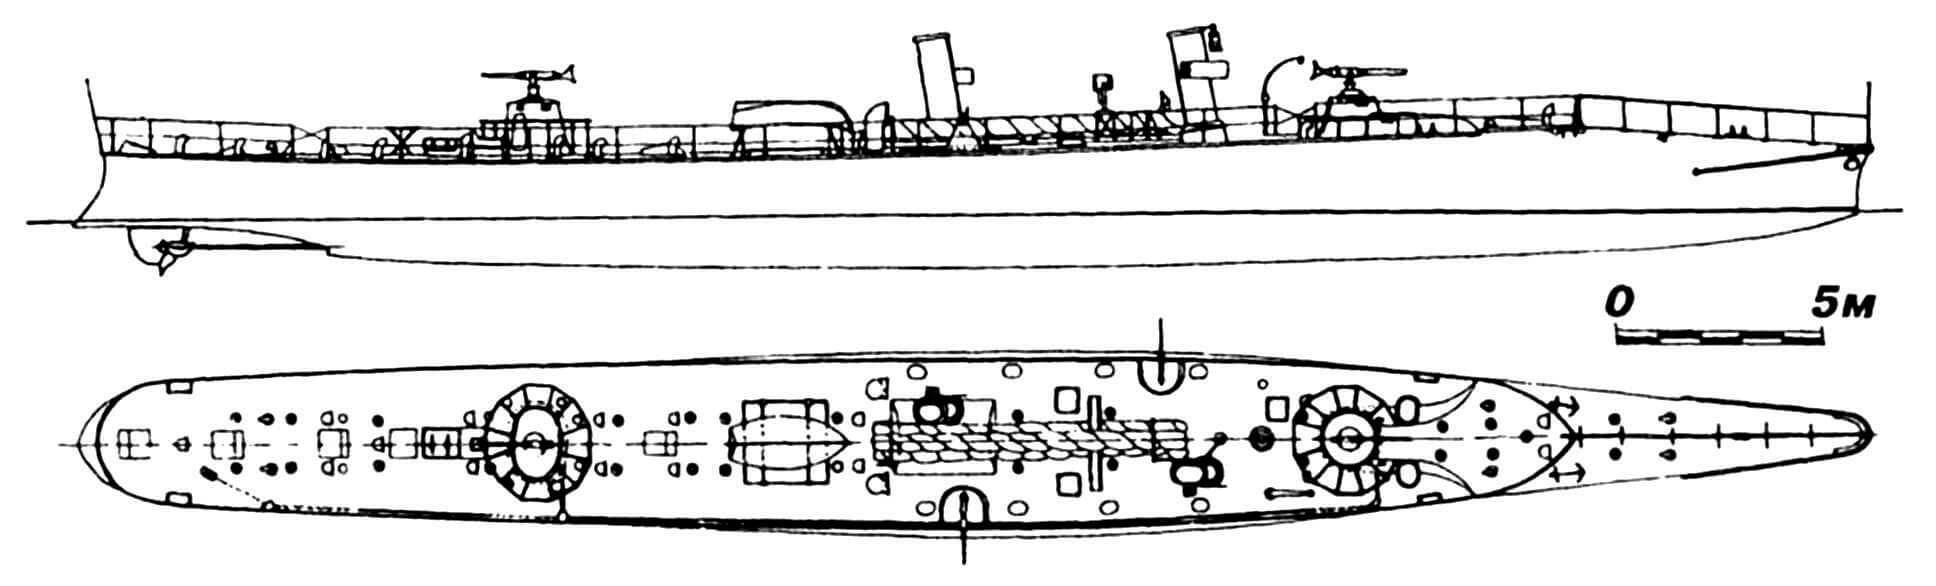 42.Миноносец «Ариете», Испания, 1887 г. Строился в Англии фирмой «Торникрофт». Водоизмещение нормальное 97 т. Длина наибольшая 44,96 м, ширина 4,34 м, осадка 1,49 м. Мощность двухвальной паросиловой установки 1600 л.с., скорость на испытаниях 26 узлов. Вооружение: два торпедных аппарата, две 42-мм и две 25-мм пушки. Всего построено две единицы: «Ариете» и «Райо». Оба погибли в 1905 г. во время пожара в порту.